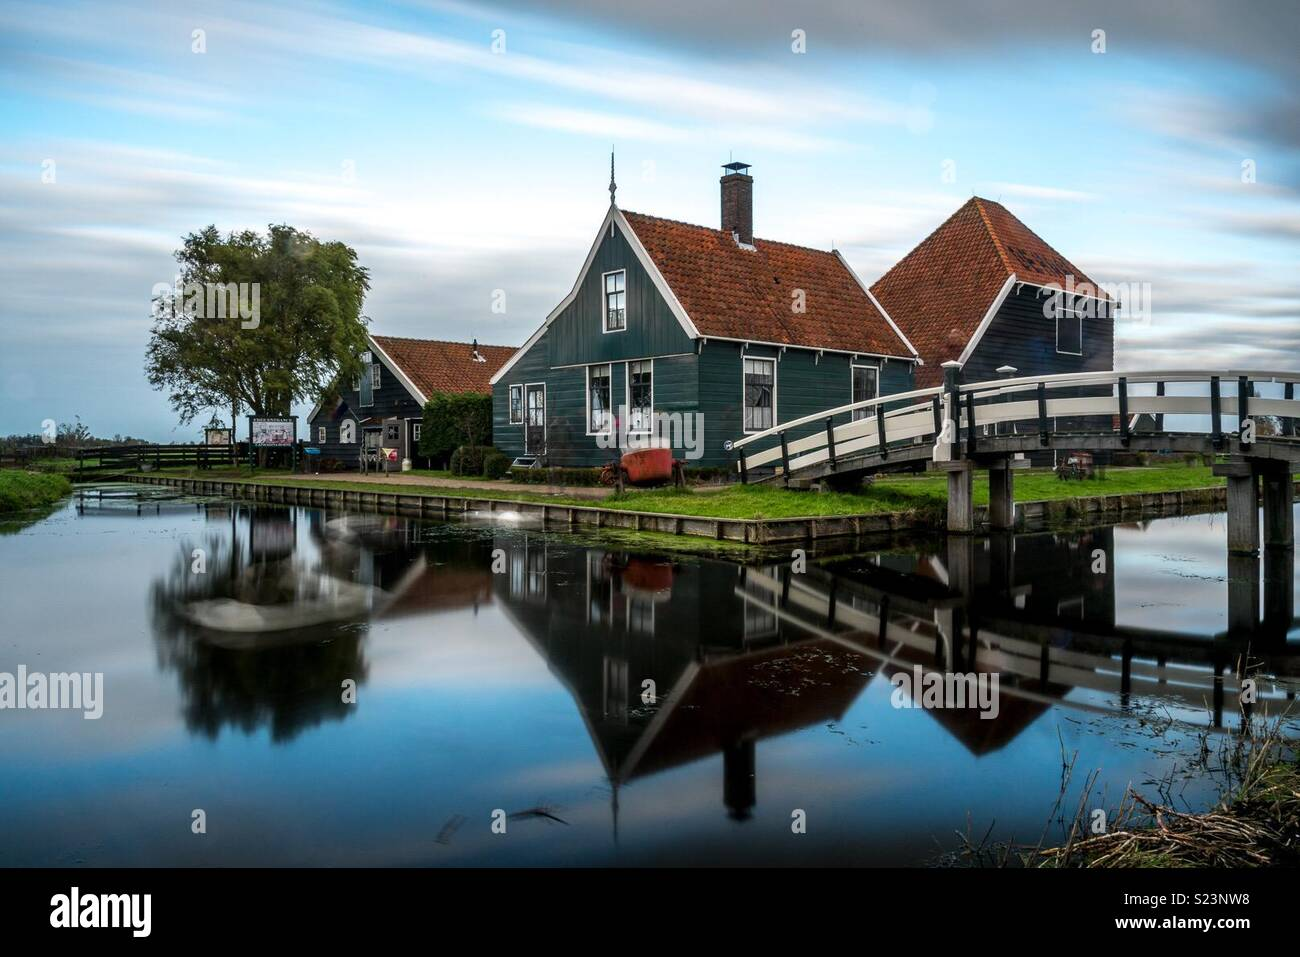 Cheese Shop, Zaanse Schans, Niederlande Stockbild